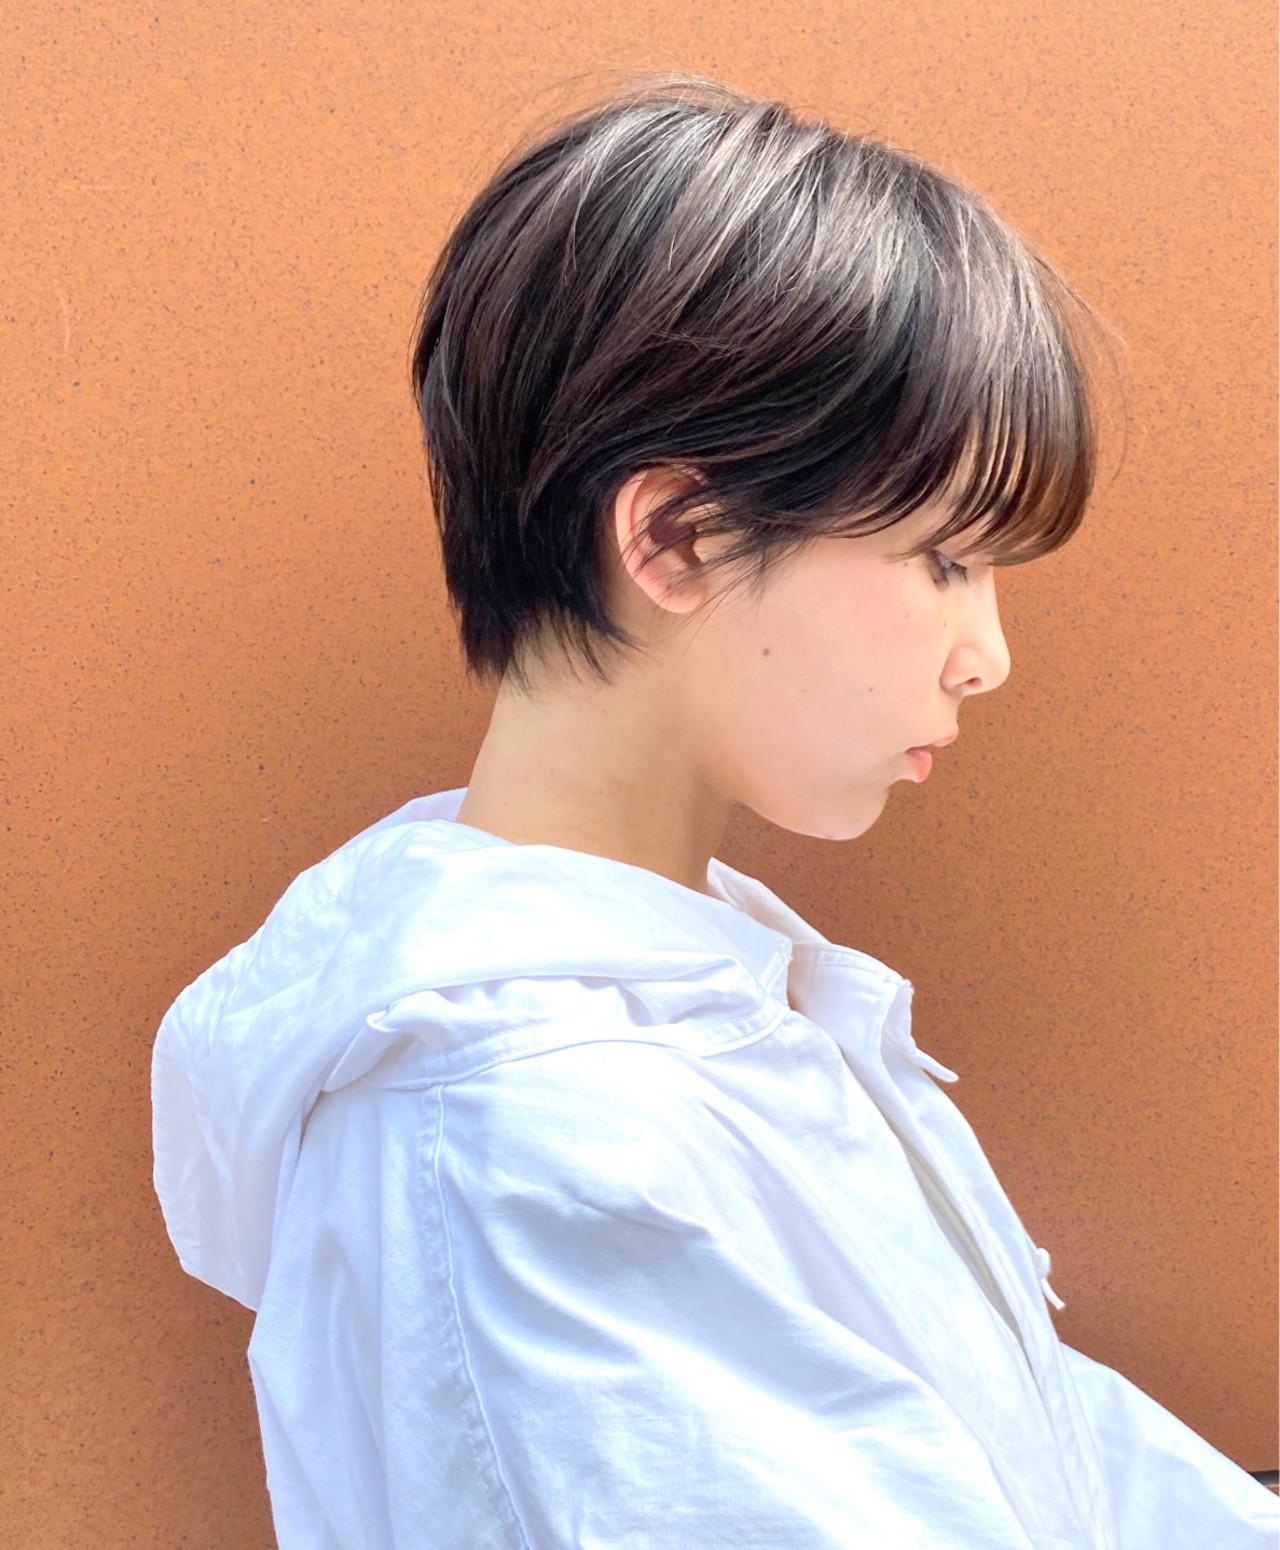 マッシュショート ショートヘア ショート ショートボブ ヘアスタイルや髪型の写真・画像